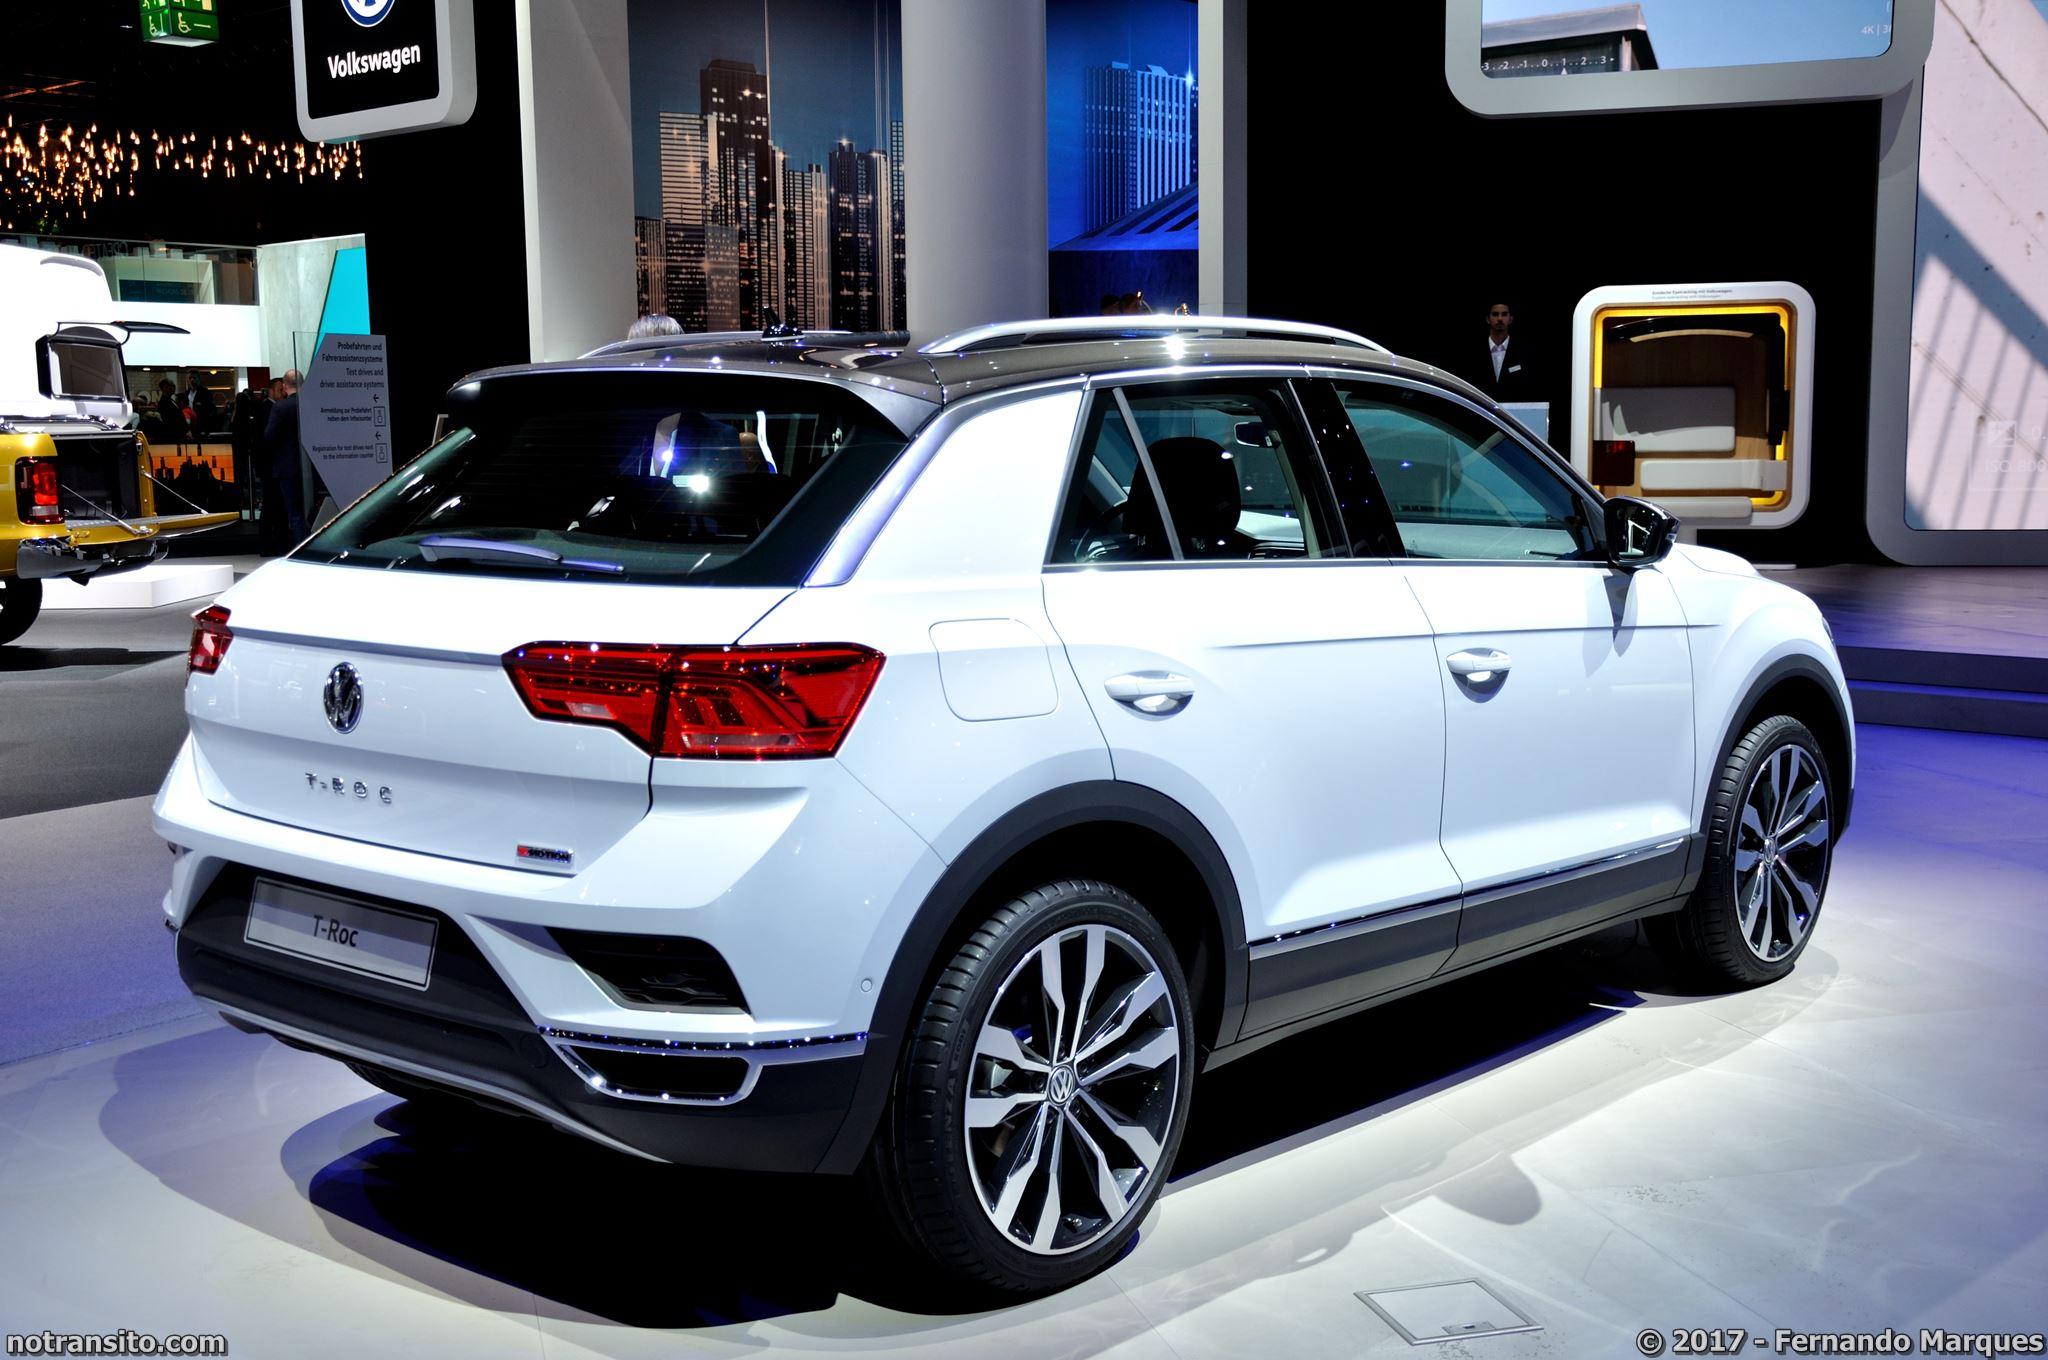 Volkswagen-T-Roc-Frankfurt-2017-010